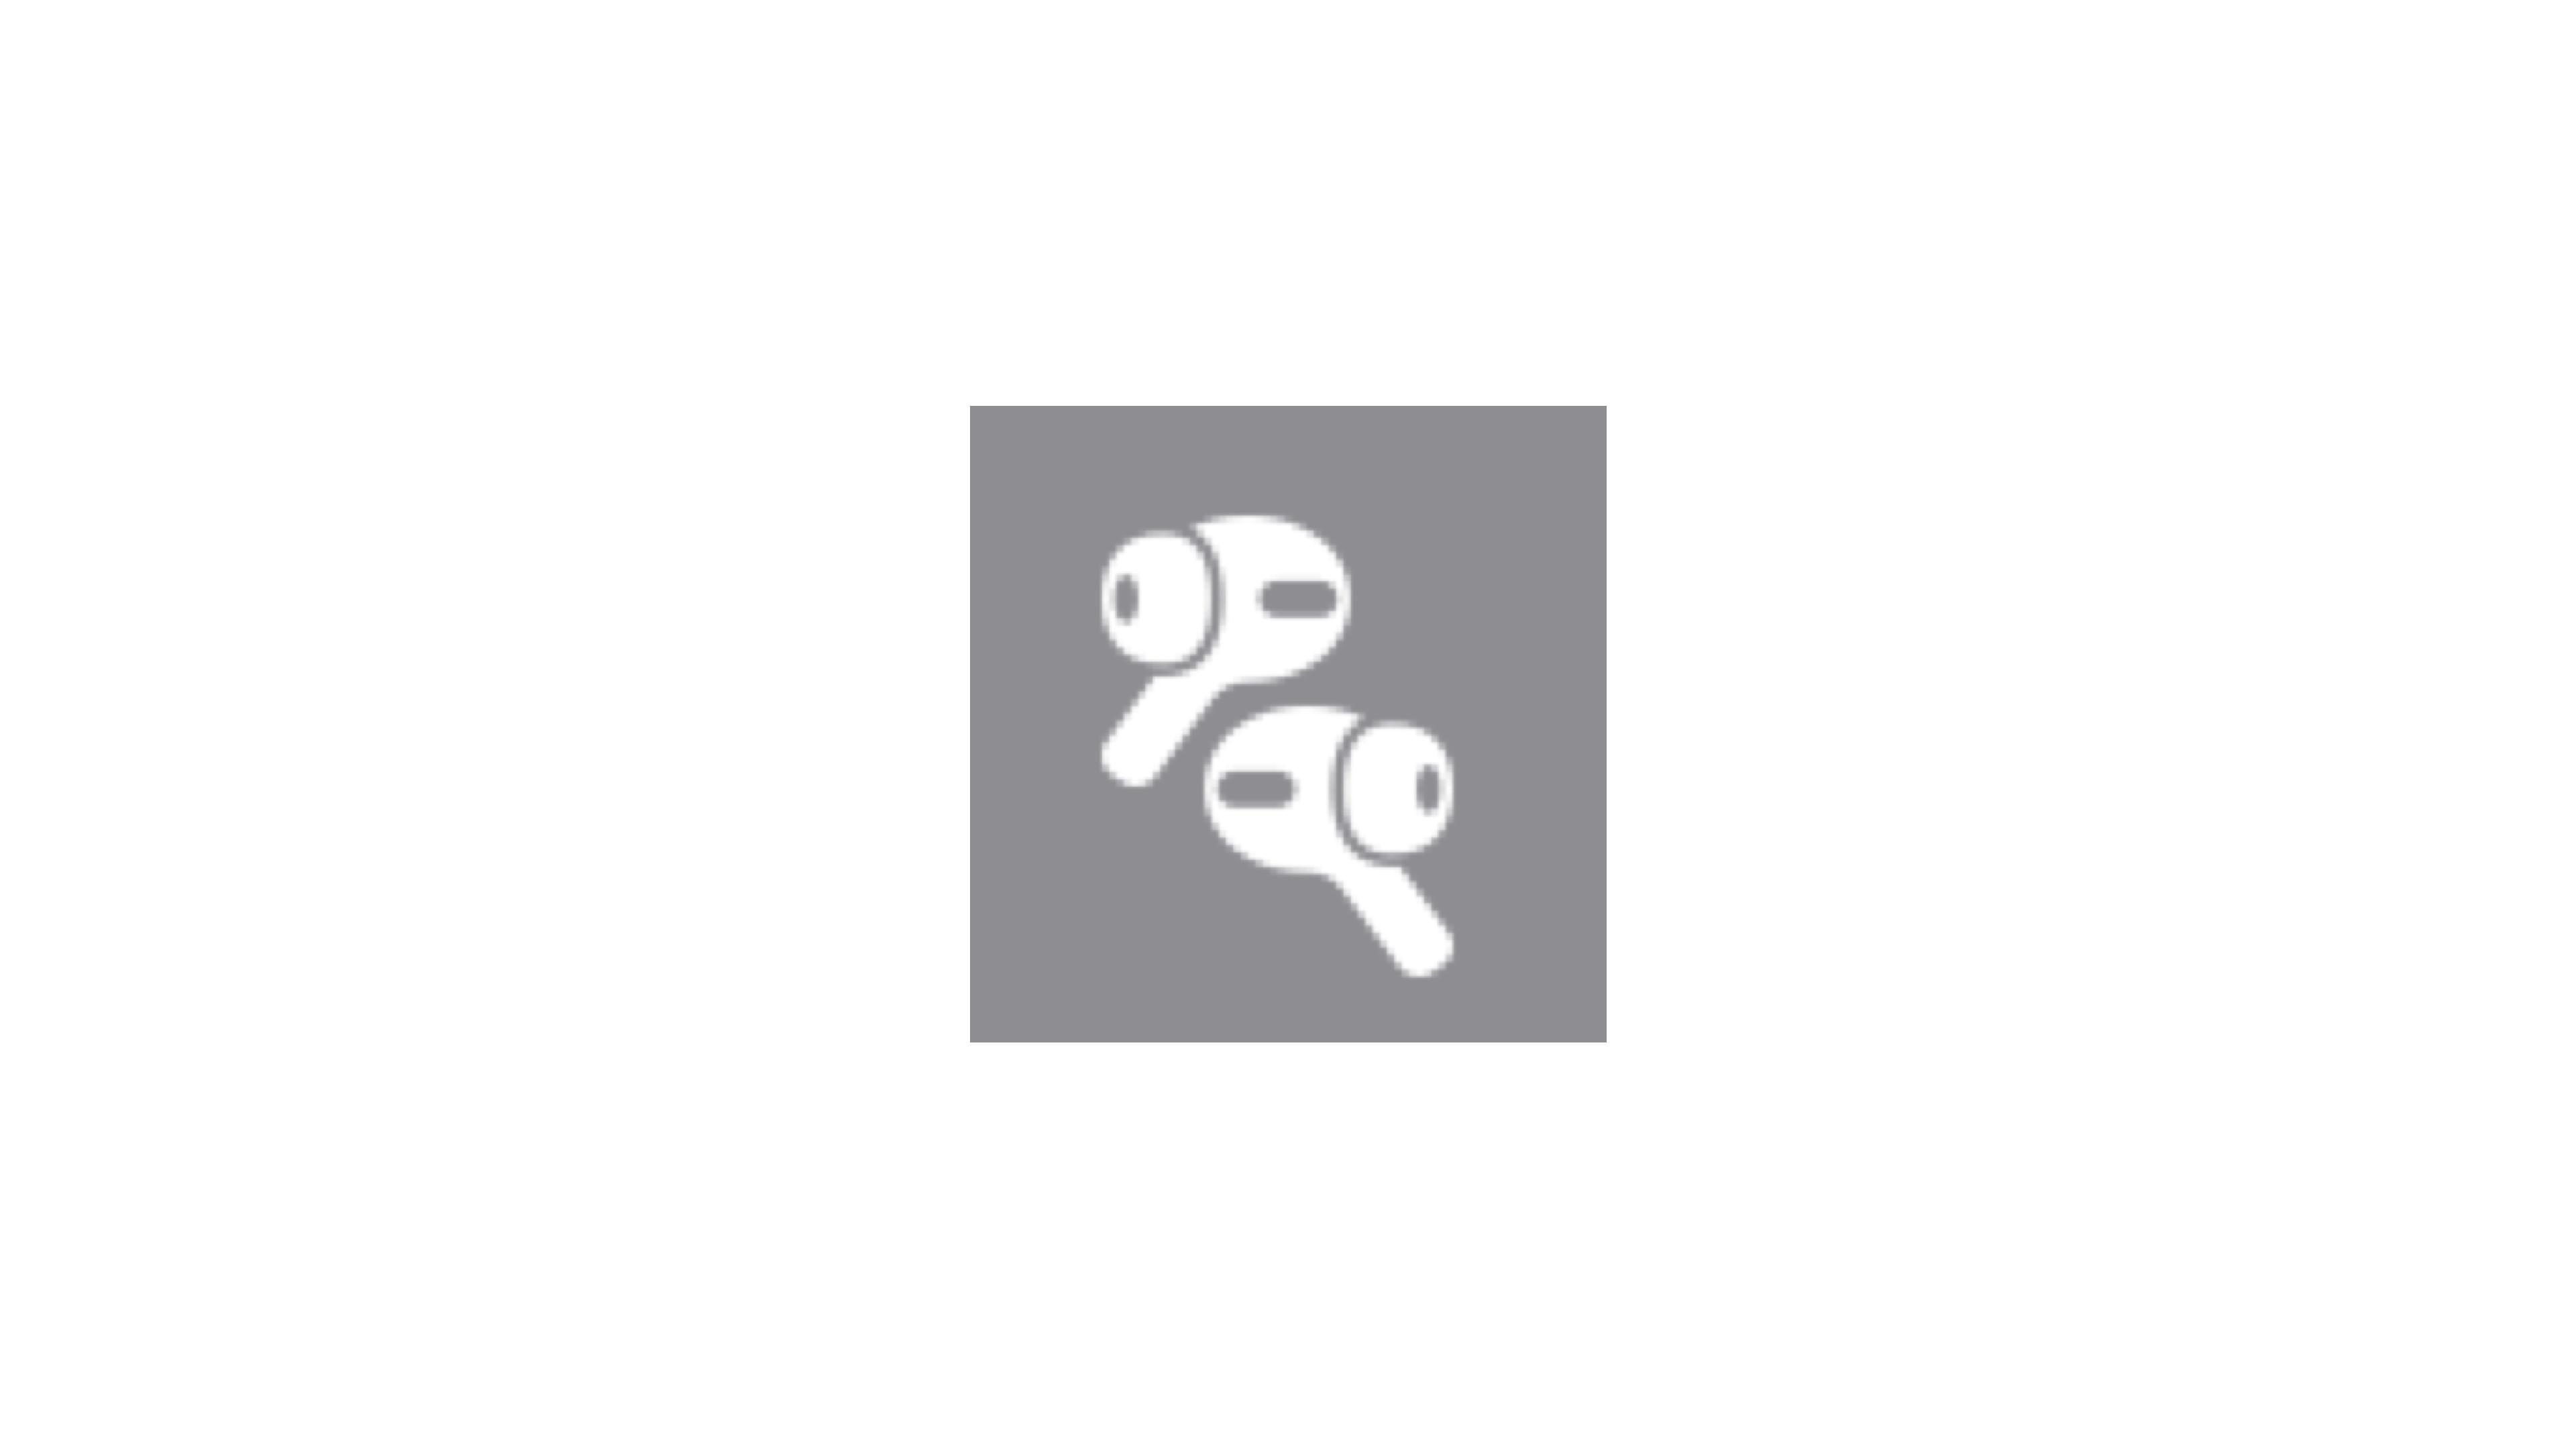 L'icône des AirPods3. Crédit9To5Mac